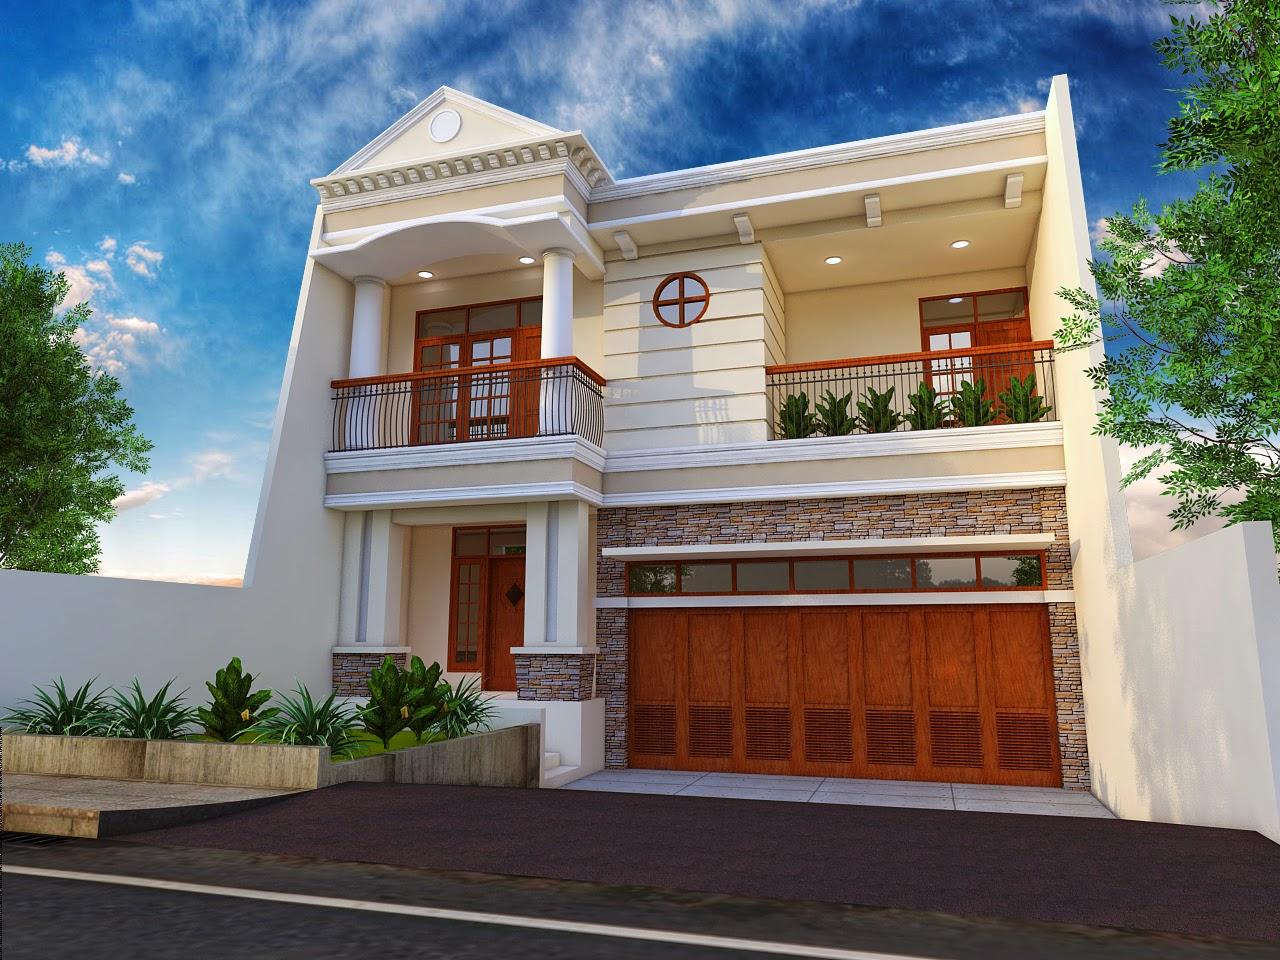 105 Gambar Rumah Minimalis Sederhana Bertingkat Gambar Desain